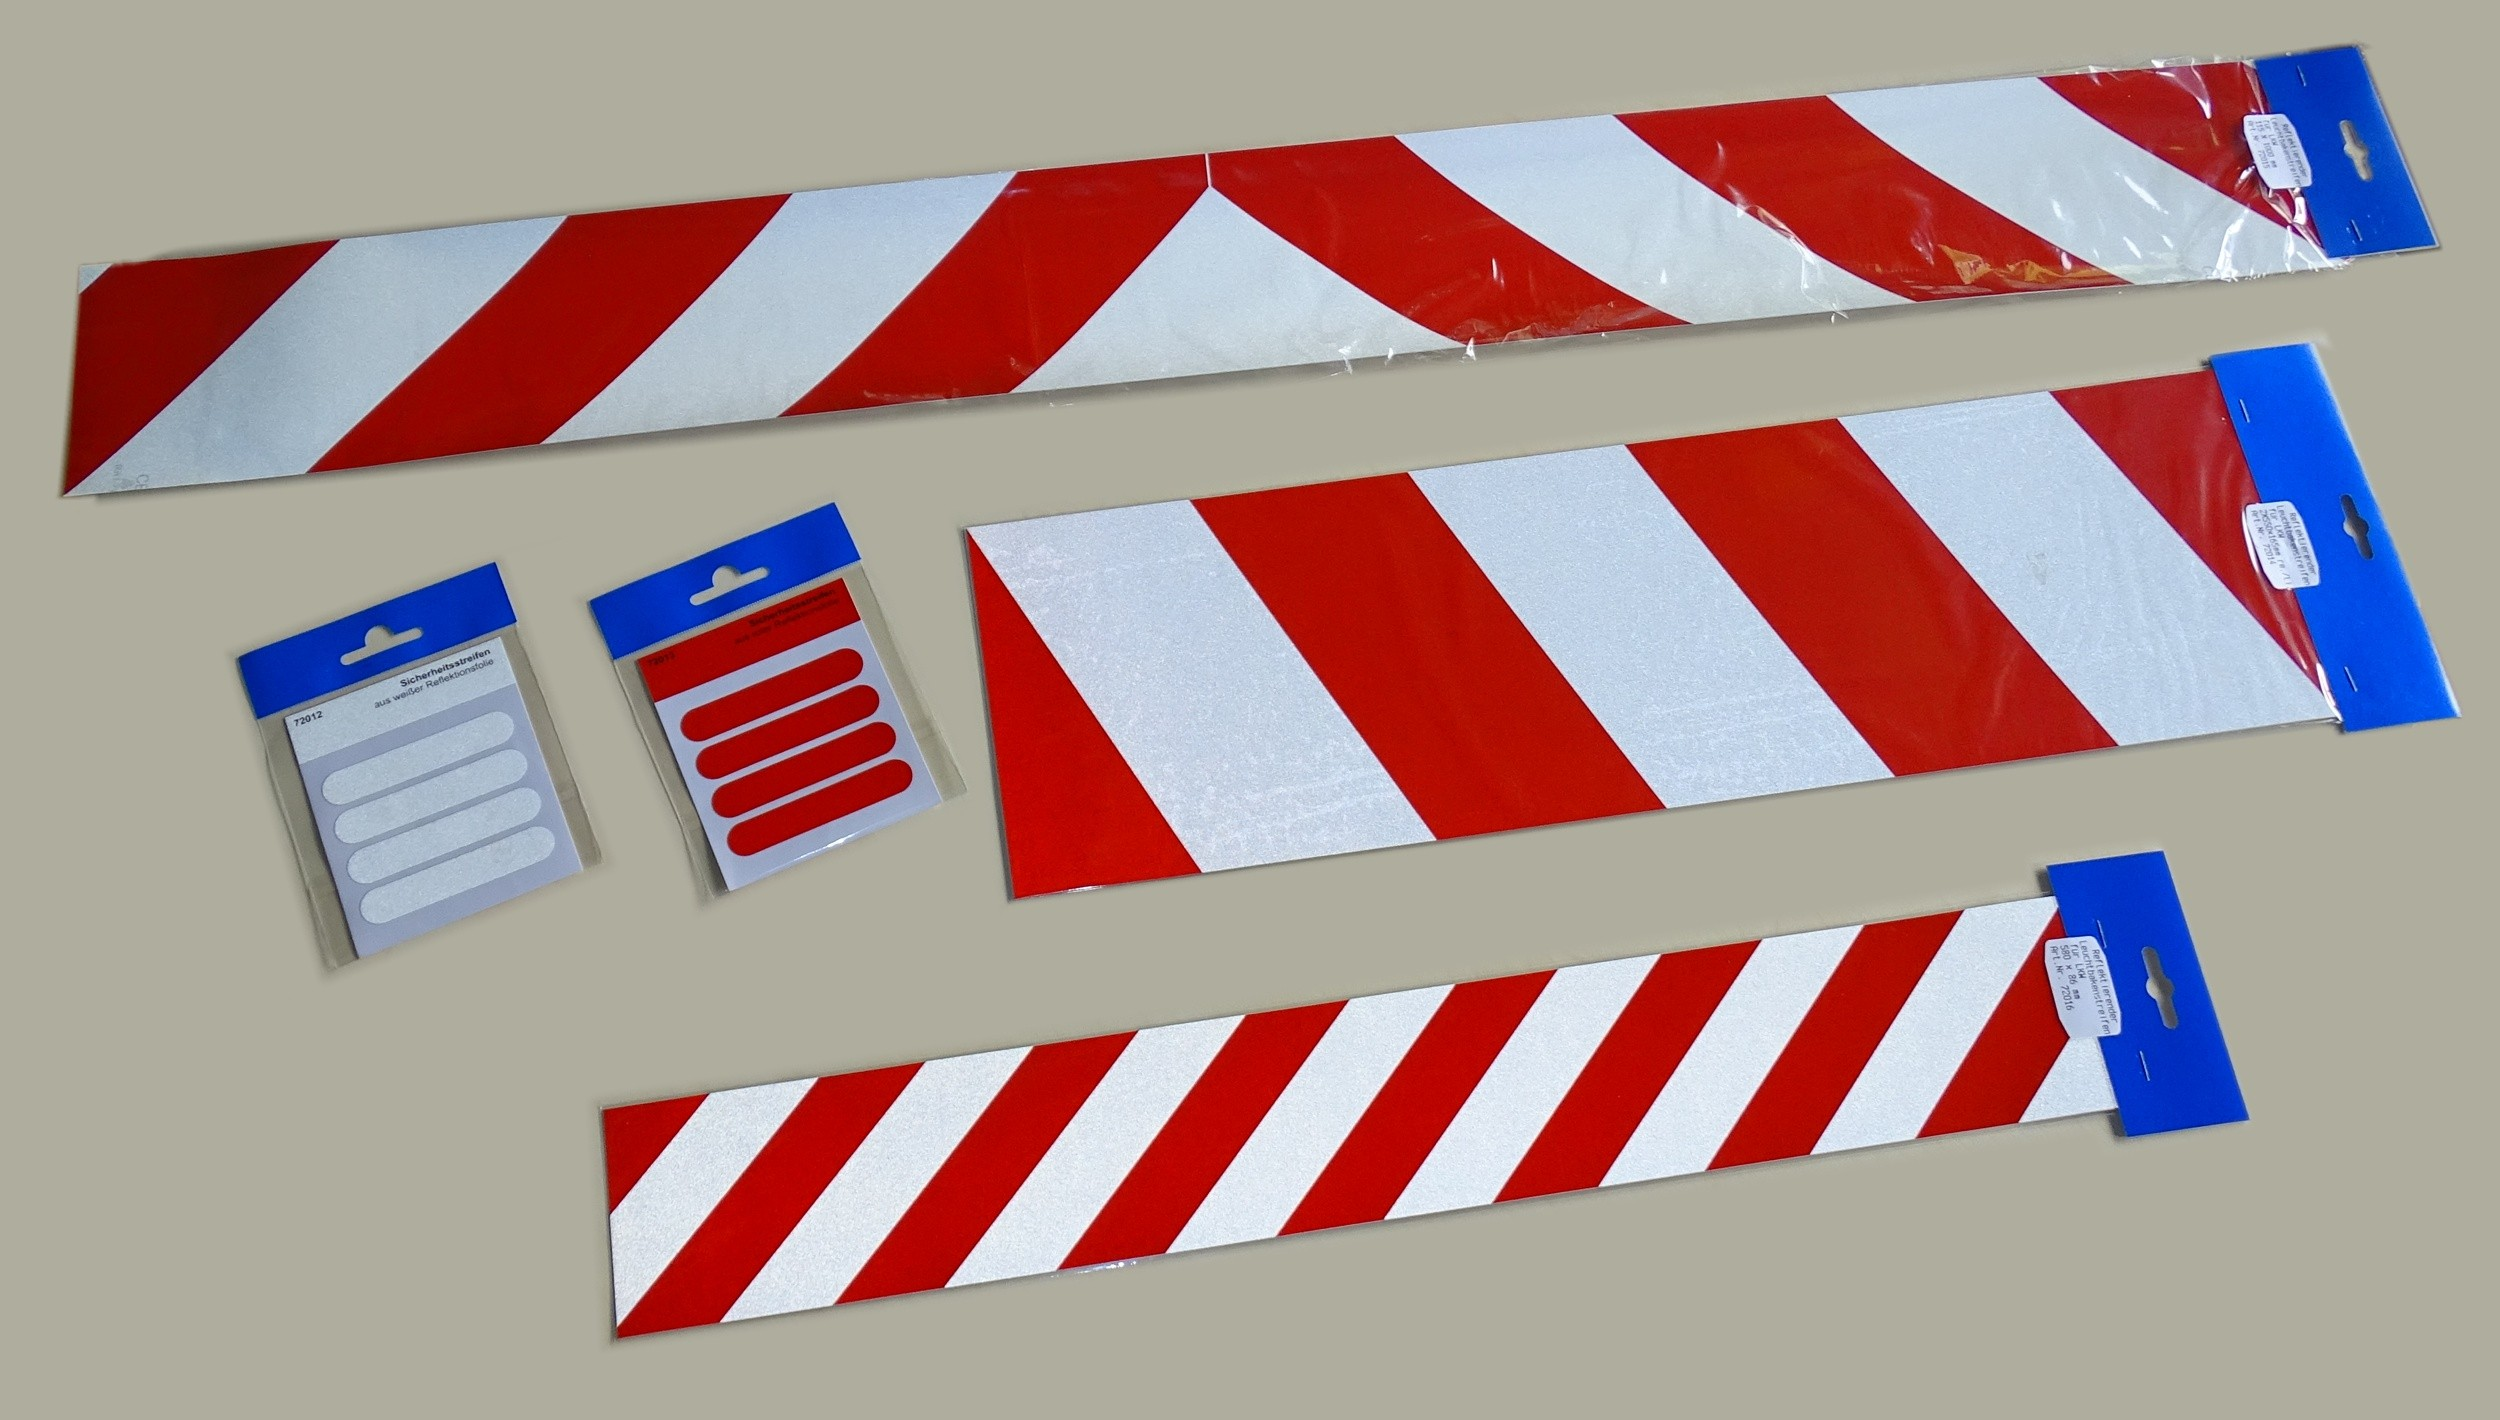 Aufkleber Reflektierender Leuchtbakenstreifen weiß/rot  – Bild 2